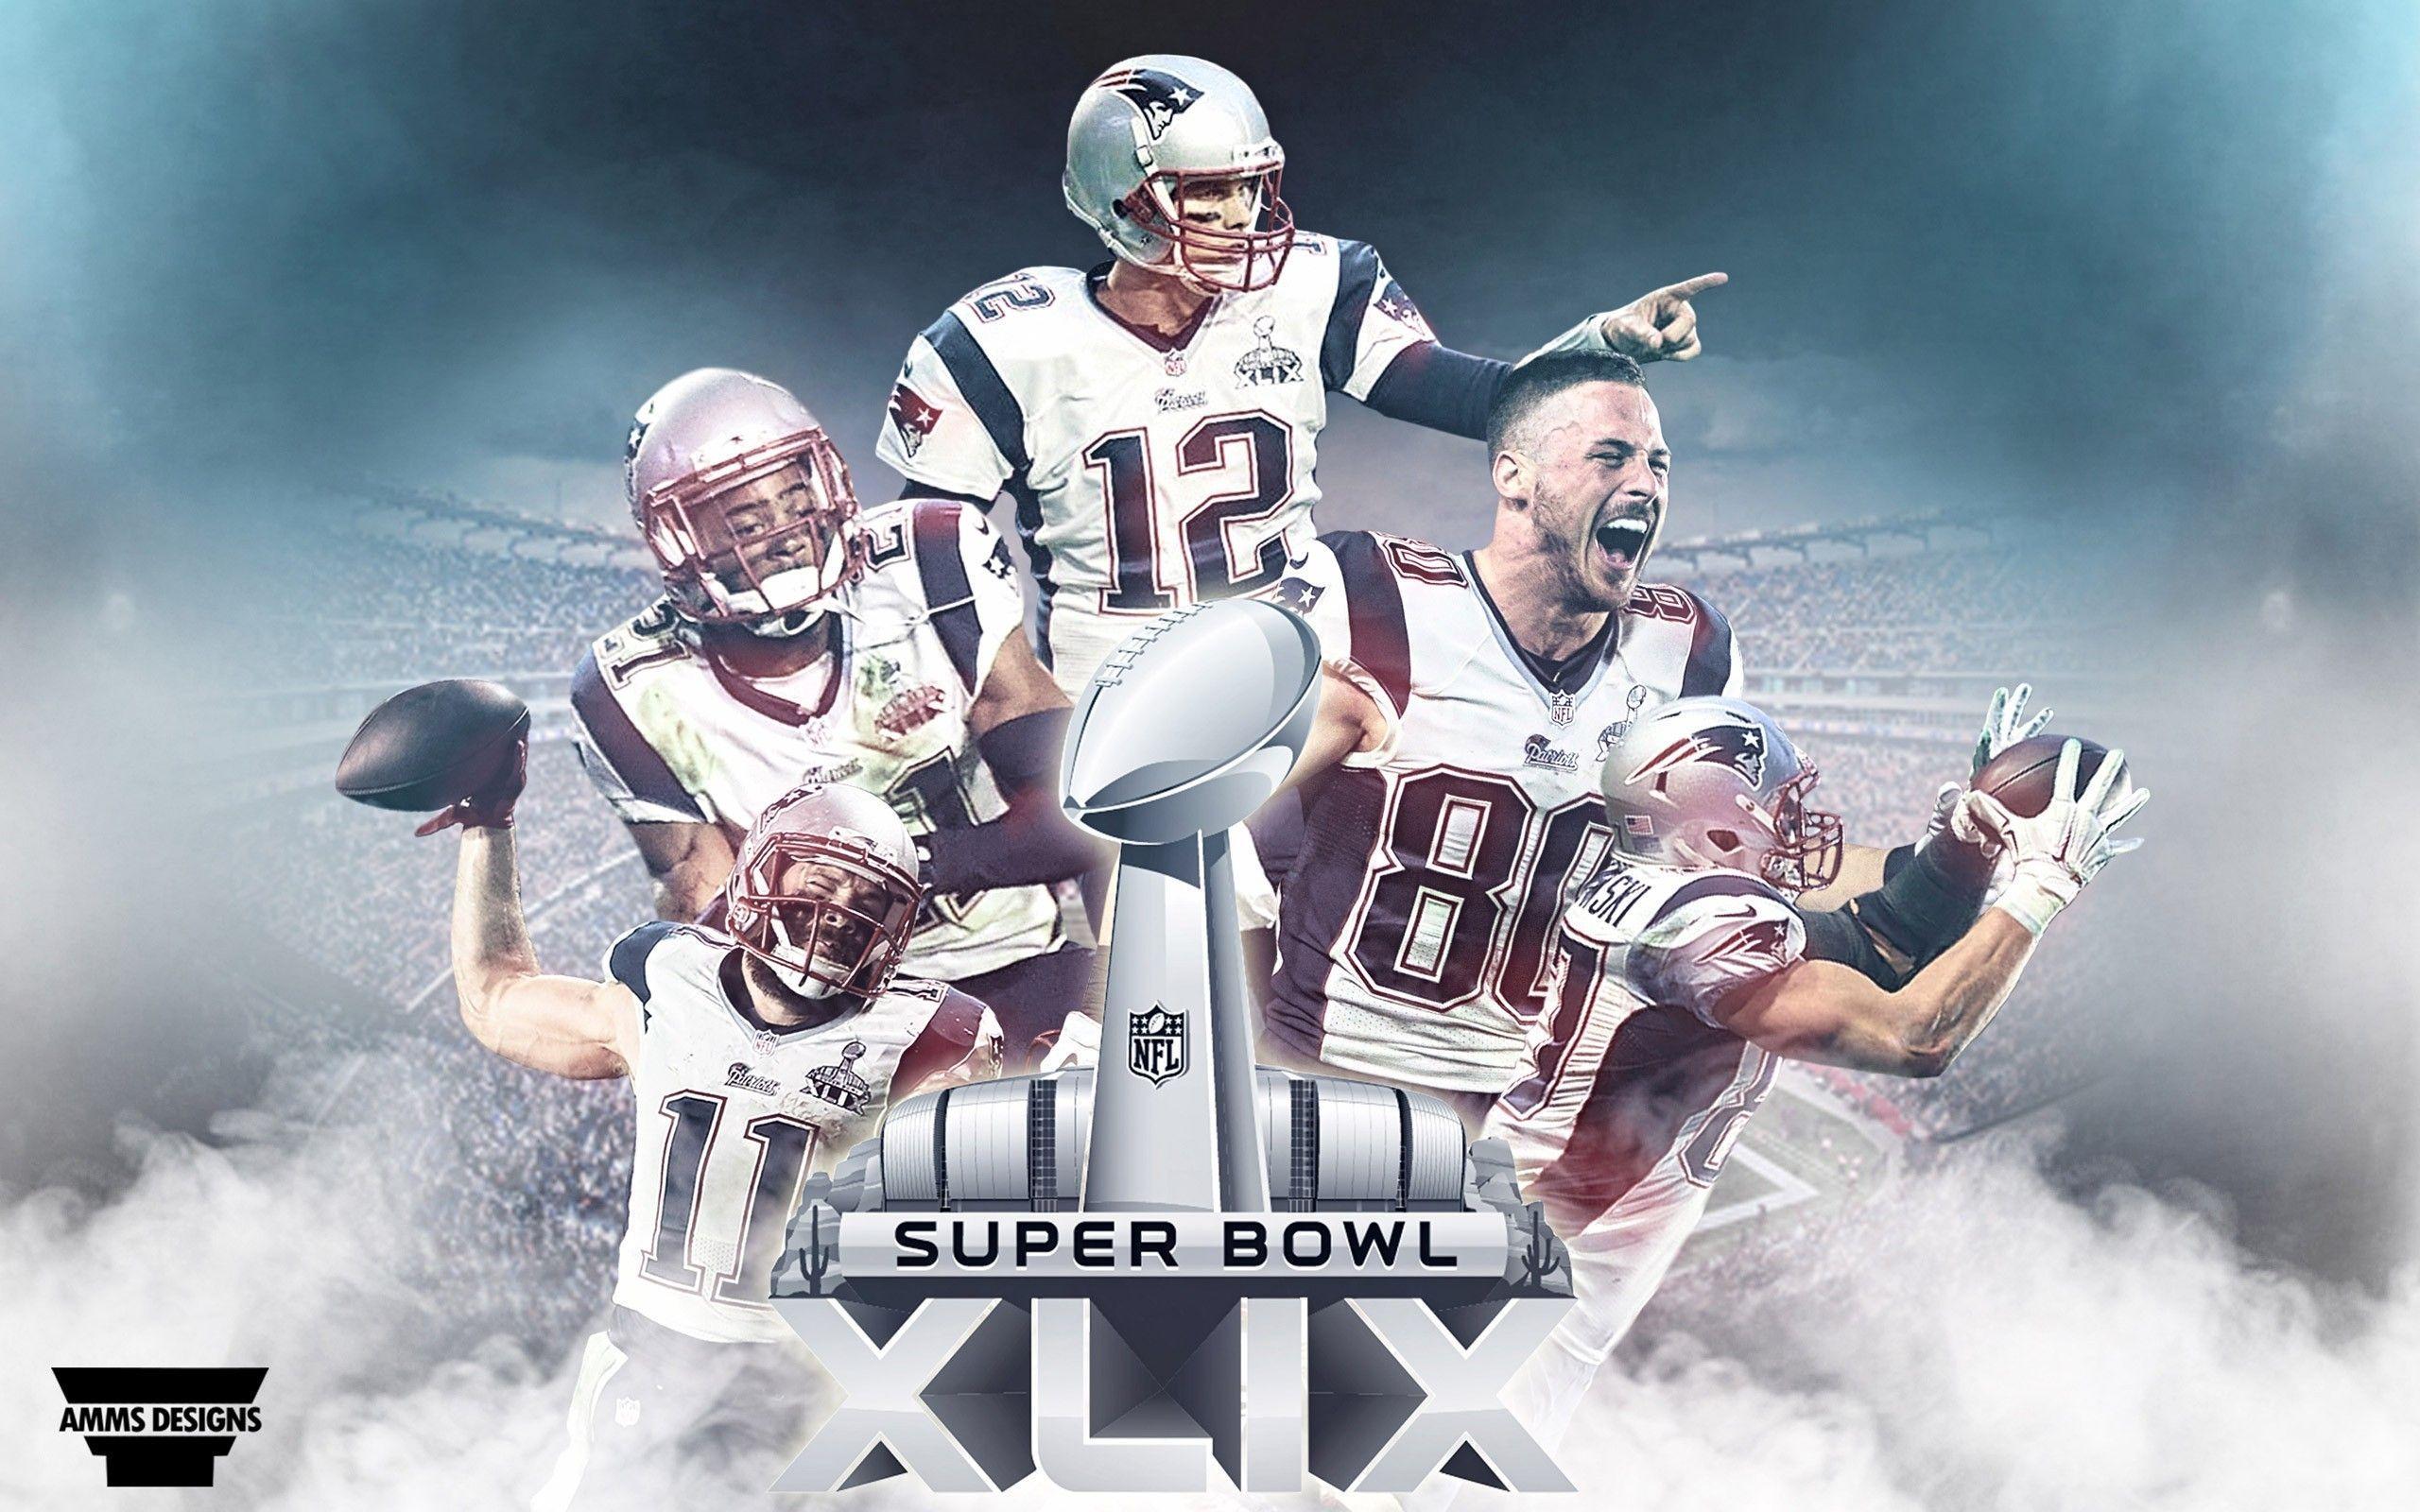 Patriots Super Bowl Wallpapers Top Free Patriots Super